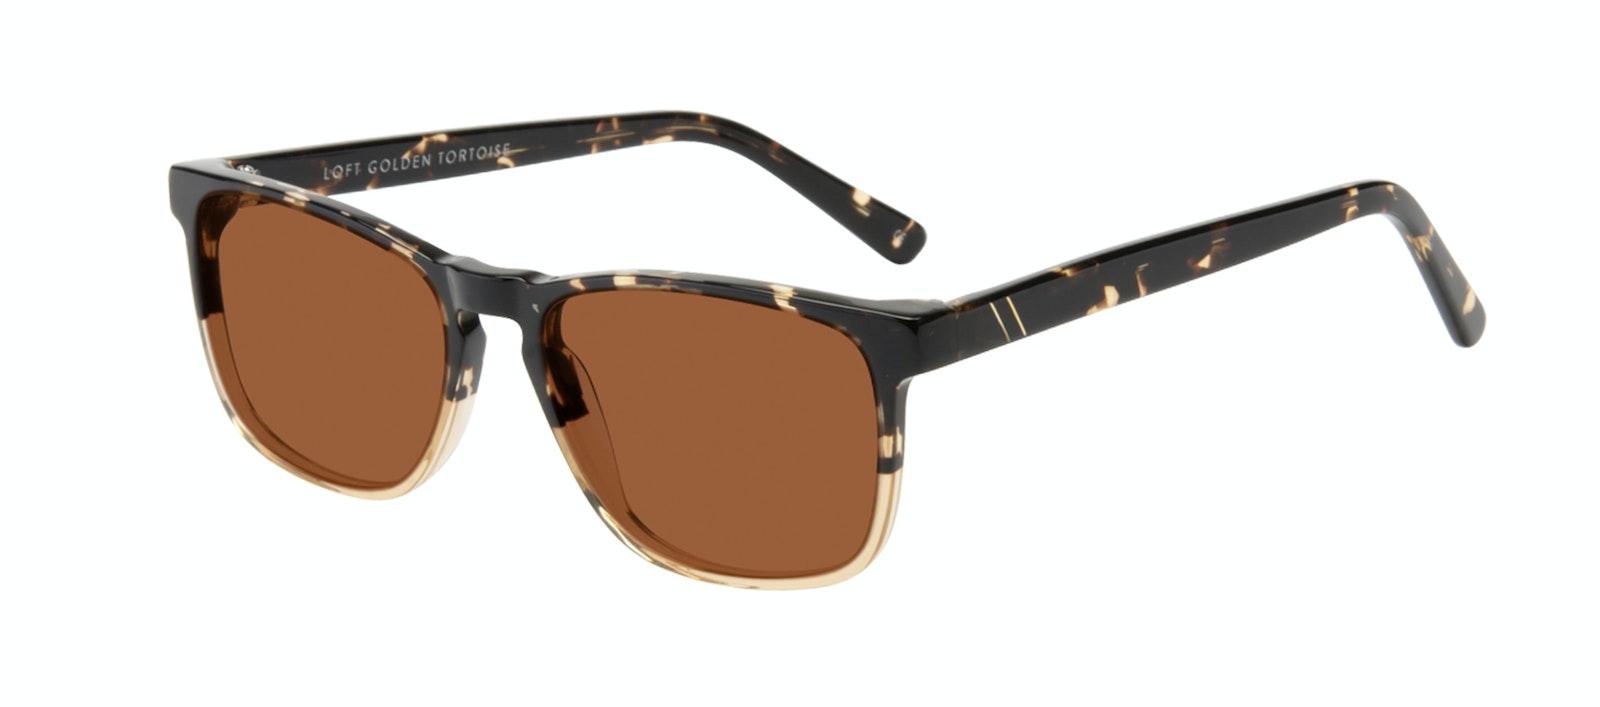 Affordable Fashion Glasses Rectangle Sunglasses Men Loft Golden Tortoise Tilt